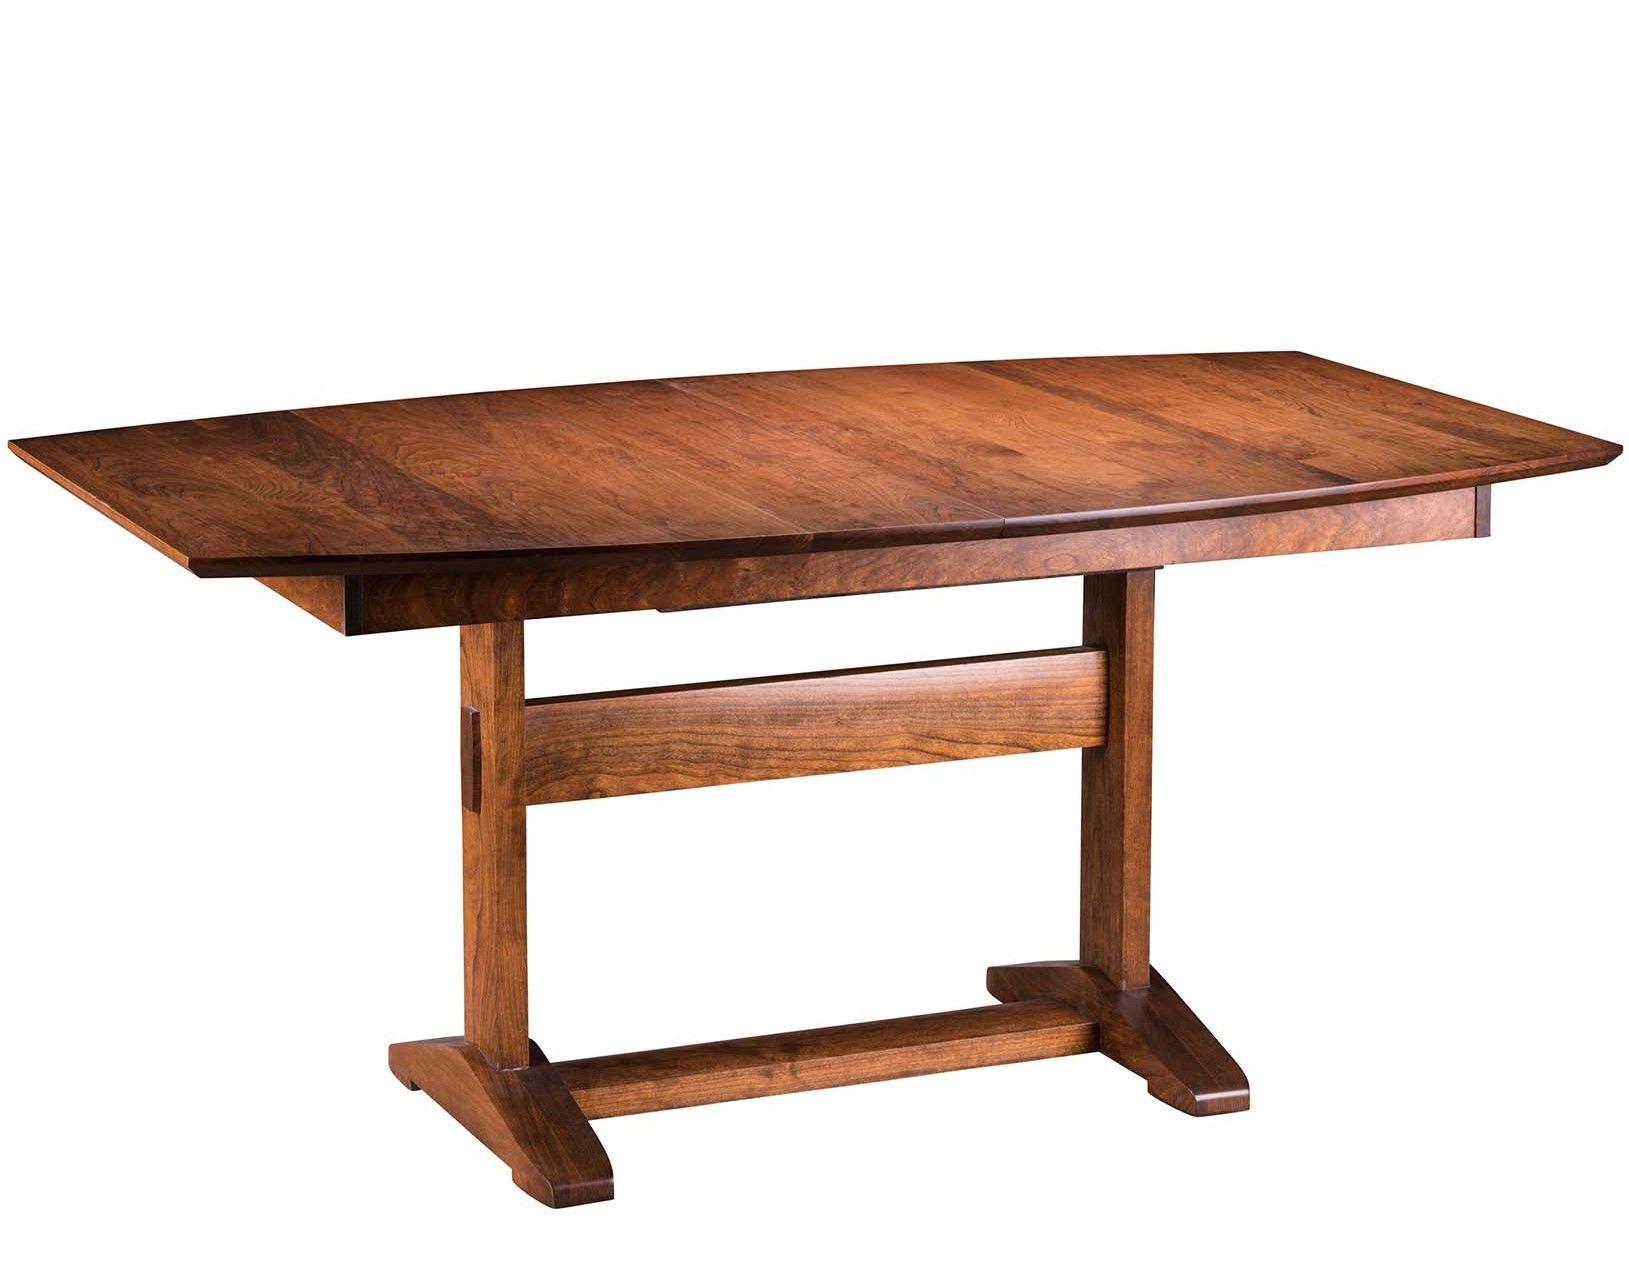 Gat Creek Clark Table With One 24u0027u0027 Butterfly Leaf 81683